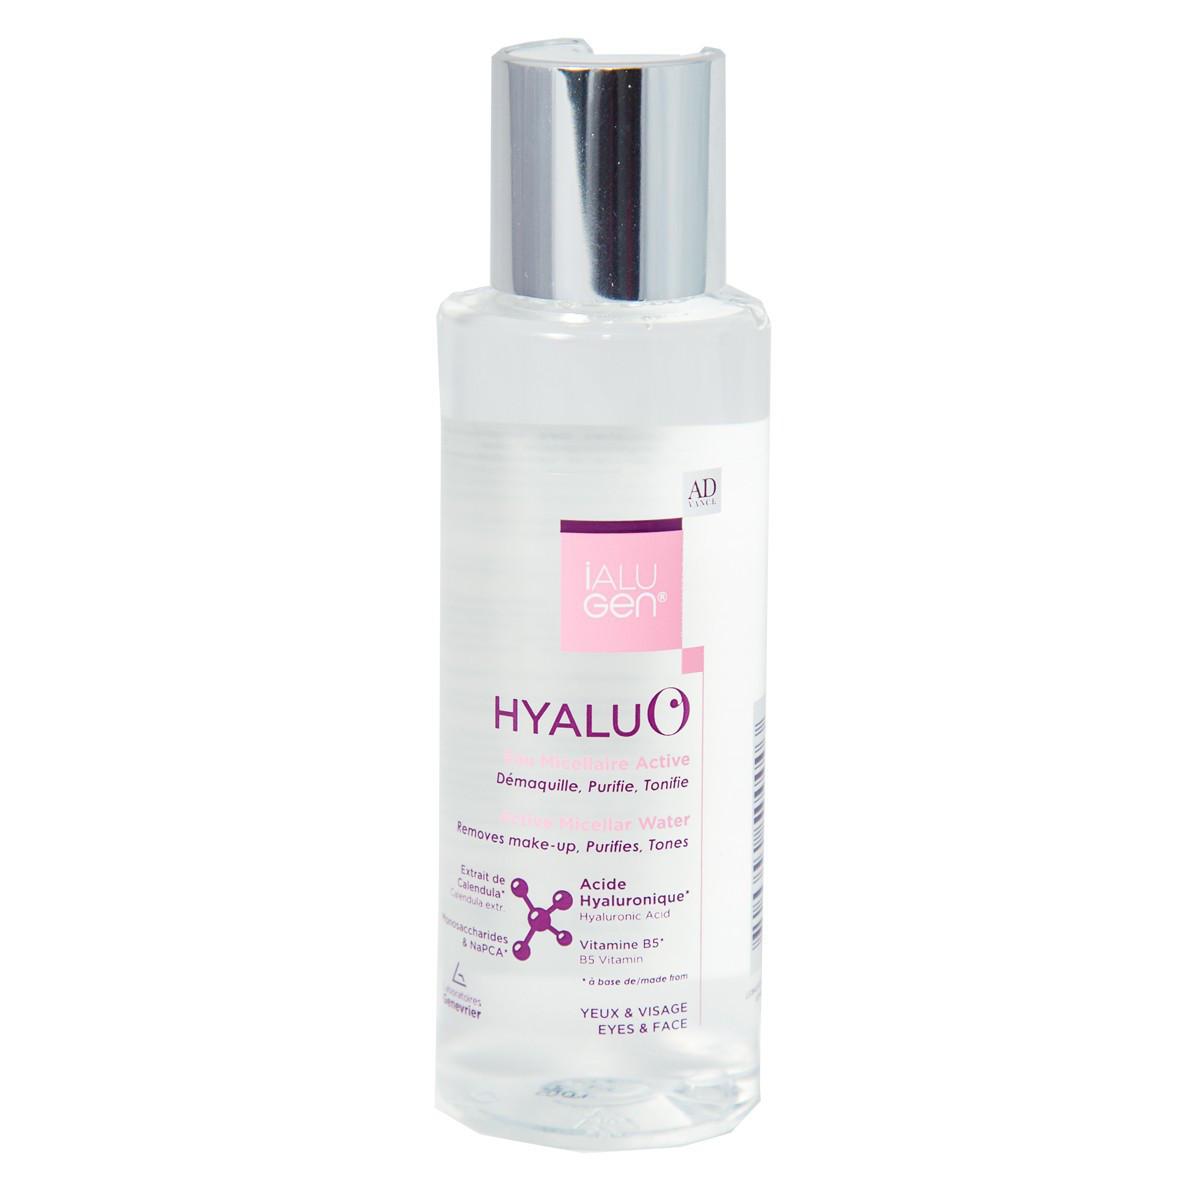 Мицеллярная вода для бережного очищения кожи  Hyalu'O Active Micellar Ialugen Advance 100мл